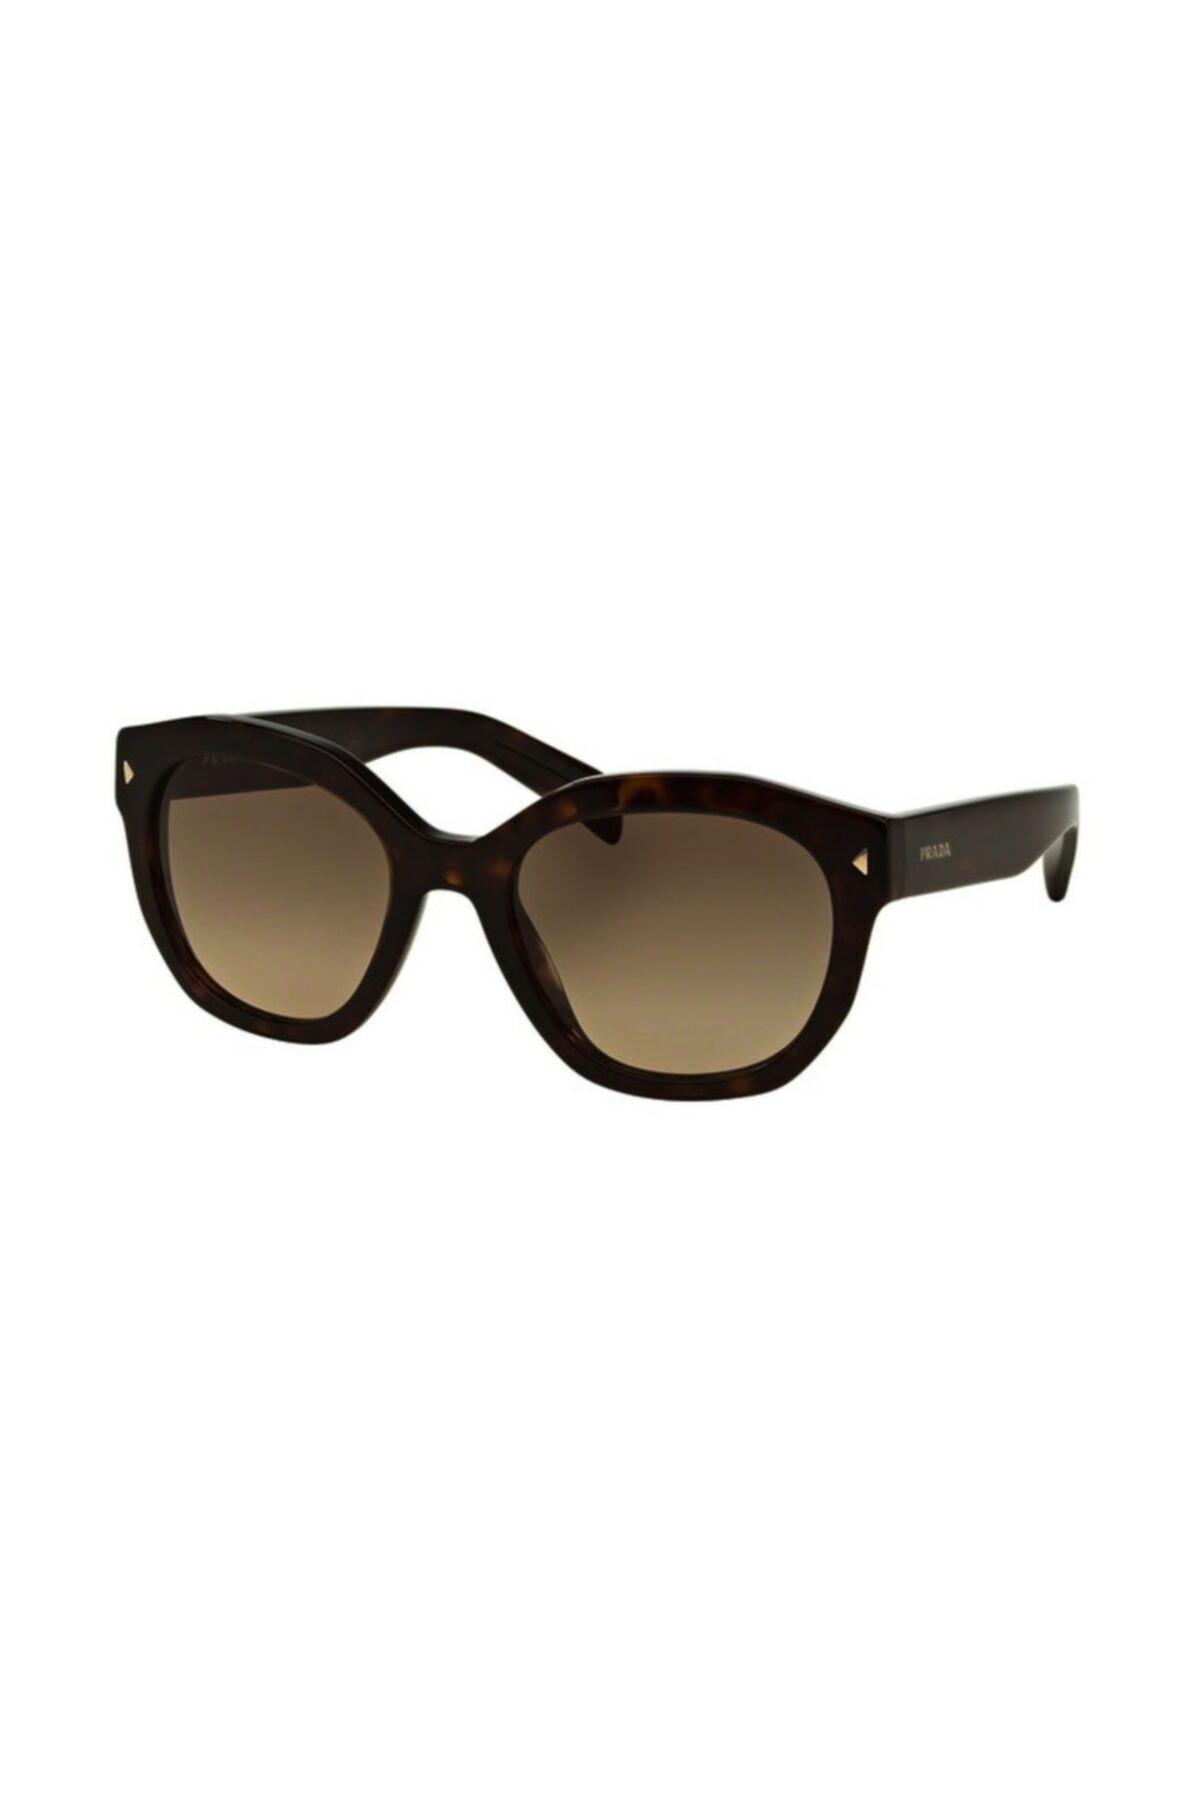 Prada Kadın Güneş Gözlüğü 1